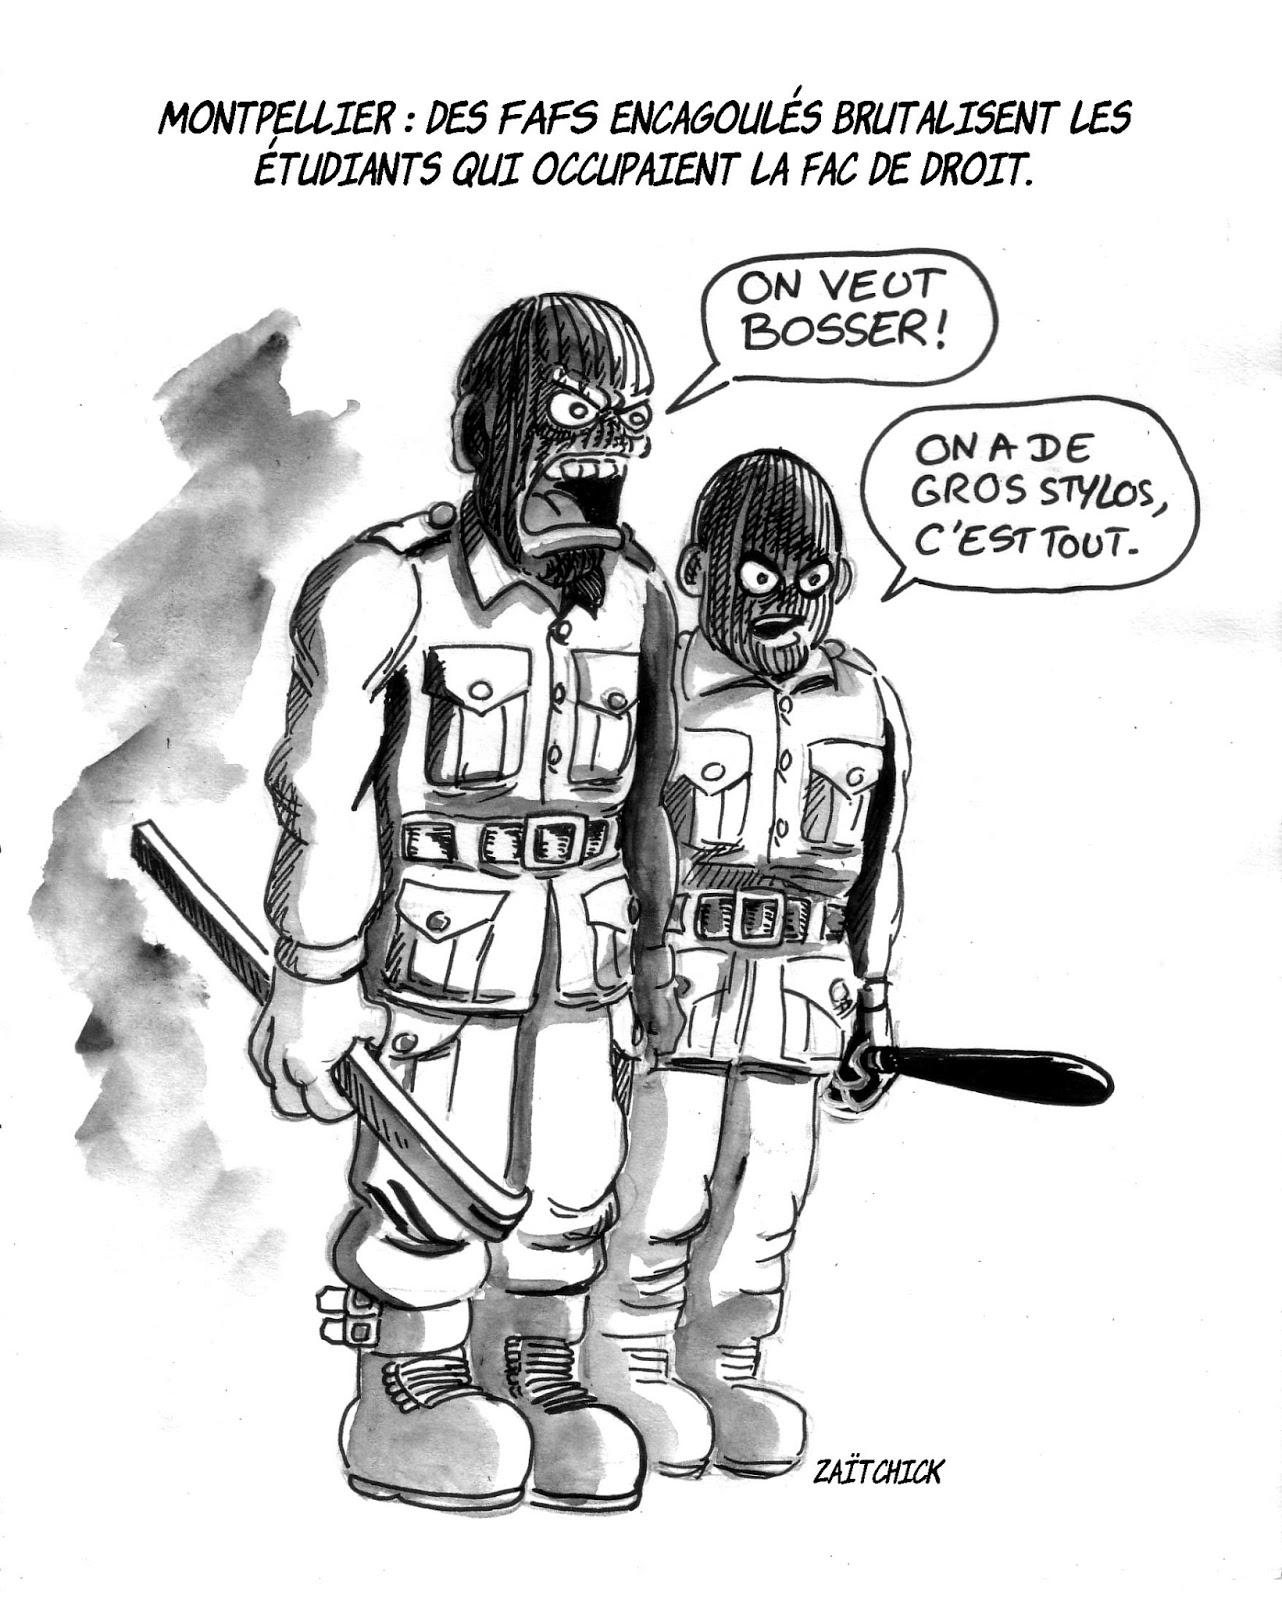 dessin humoristique d'étudiants d'extrême-droite encagoulés et armés à la faculté de Montpellier